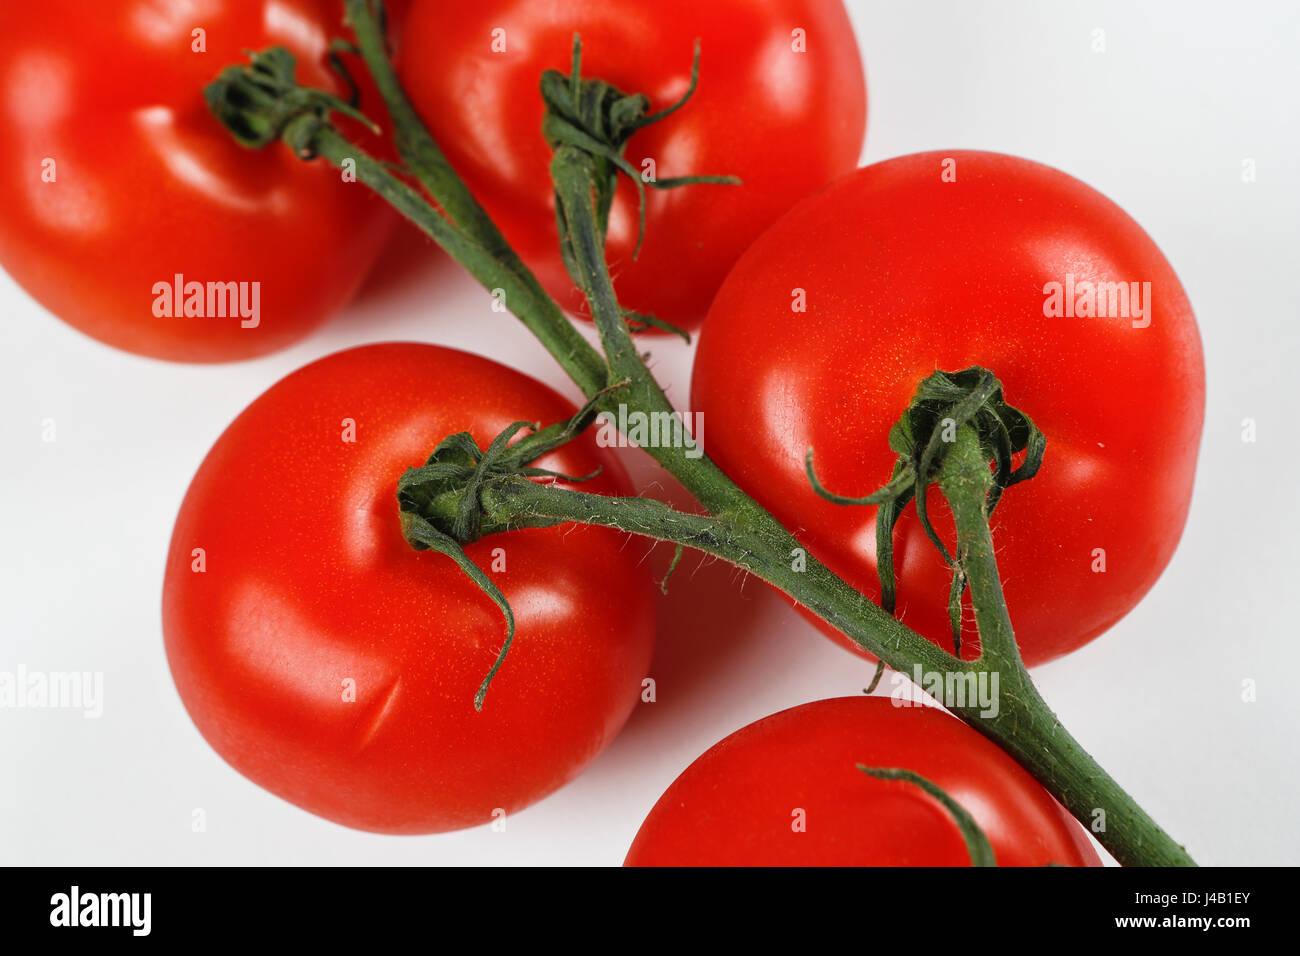 Tomates biologiques. Concepts alimentaires. Tomates. Illustration Banque D'Images